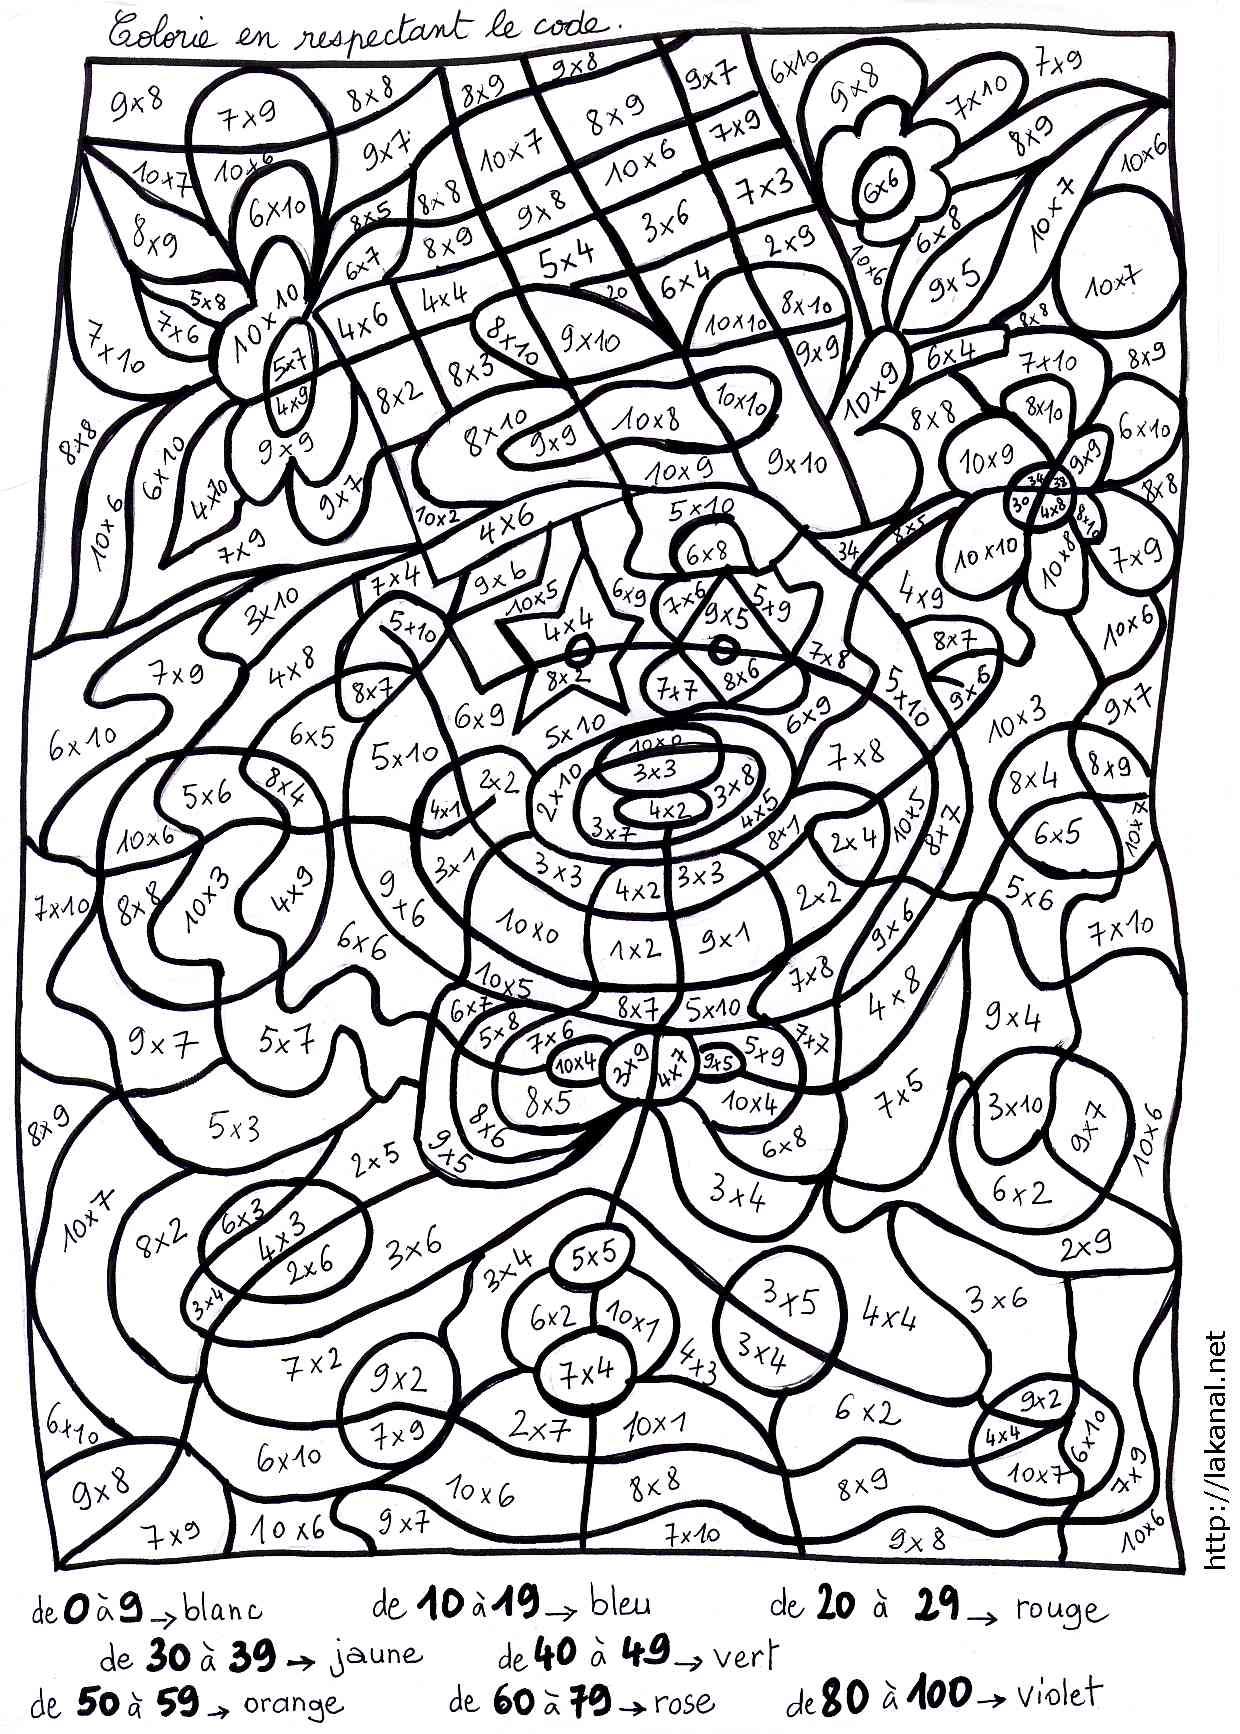 Lakanal : Coloriages Magiques En Mathématiques Pour Les à Coloriage Codé Ce1